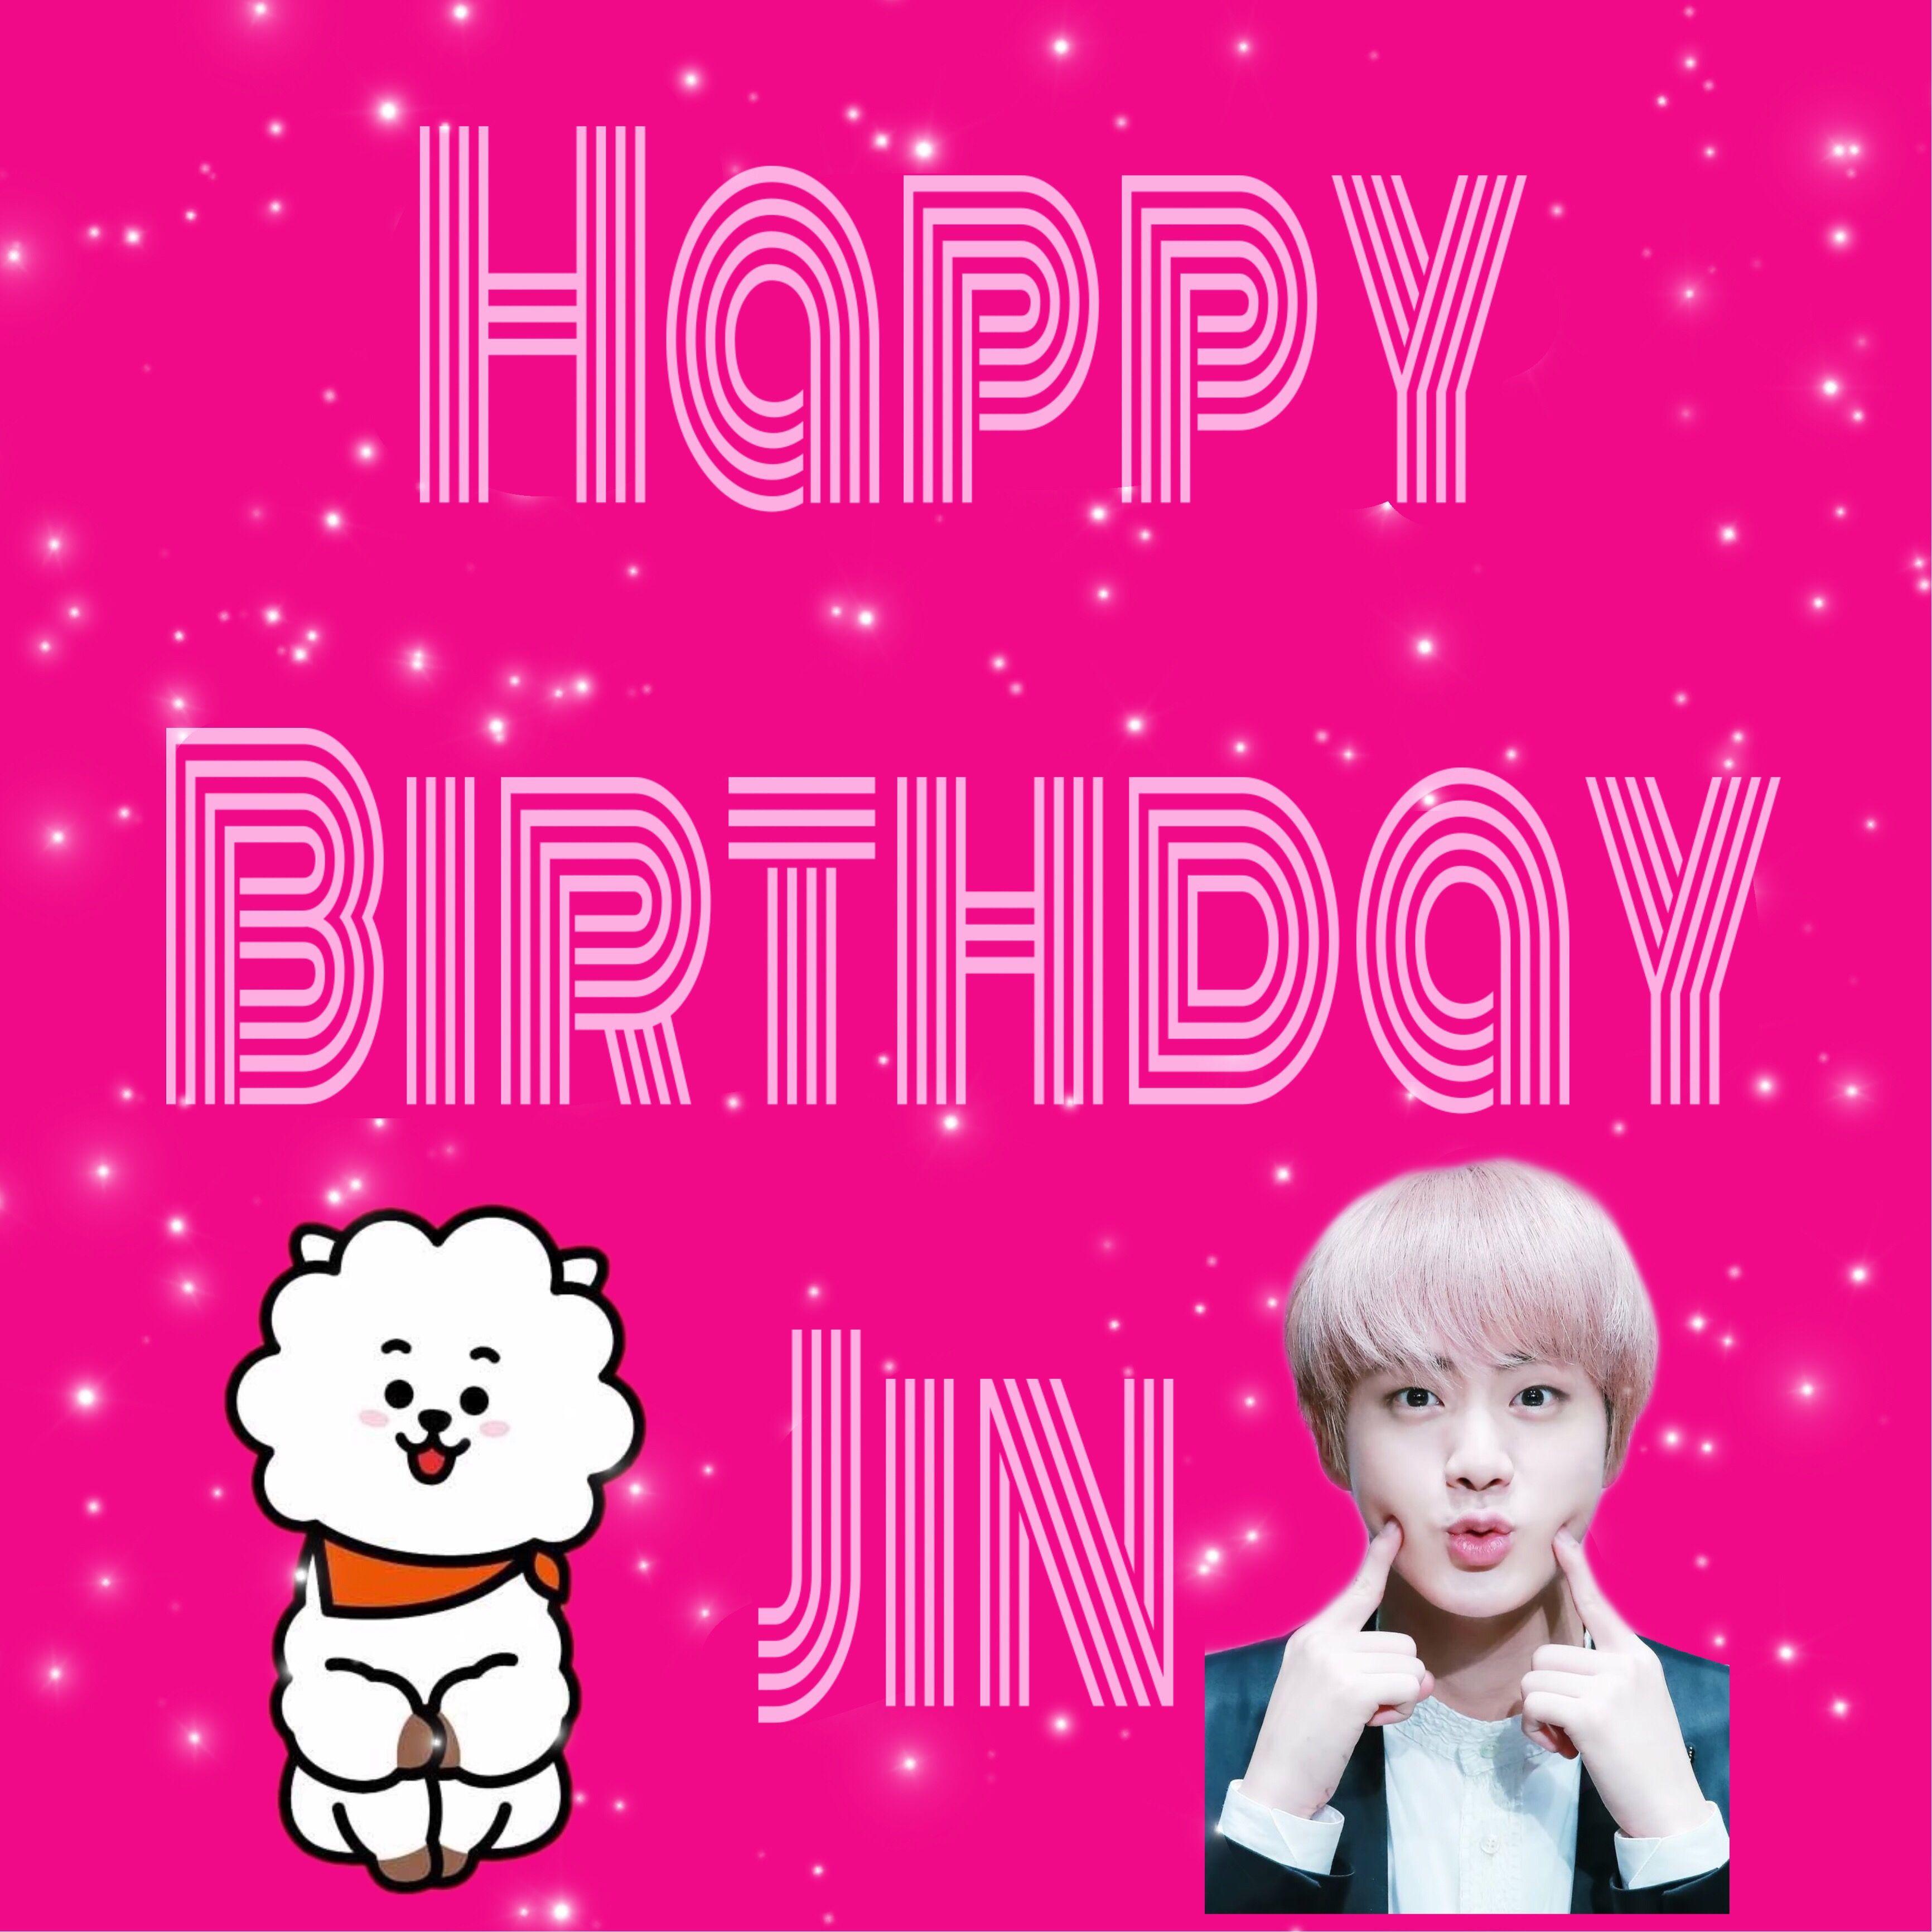 Happy Birthday Jin Bts Jin Seokjin Kpop Edits Picsart